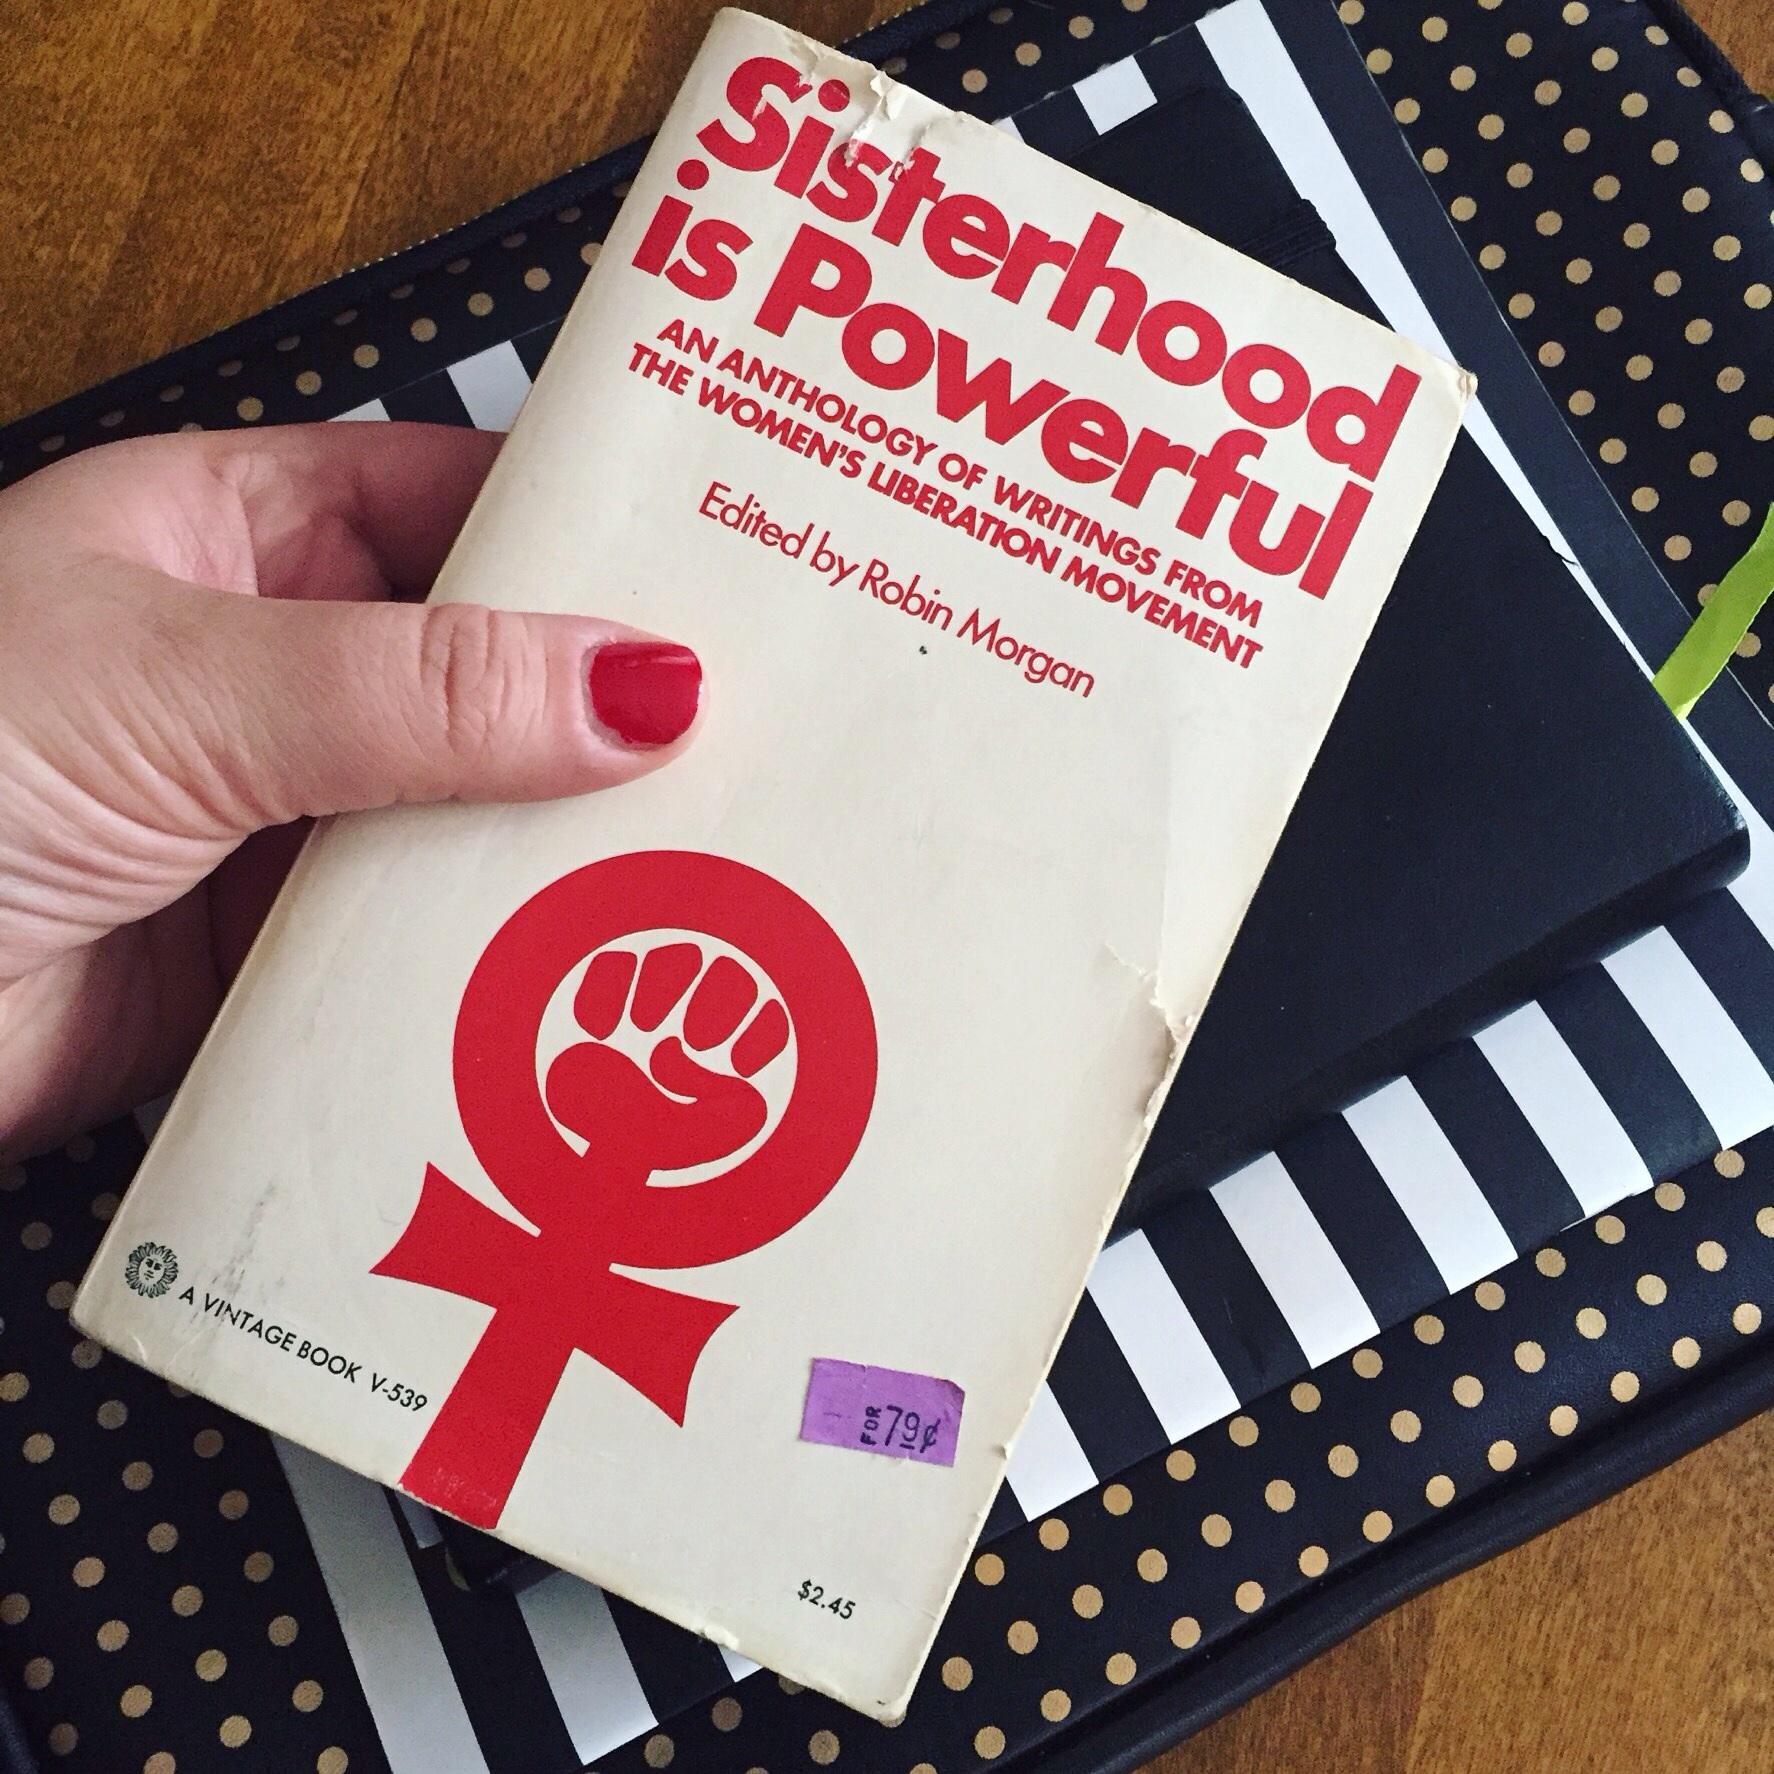 Sisterhood is Powerful book